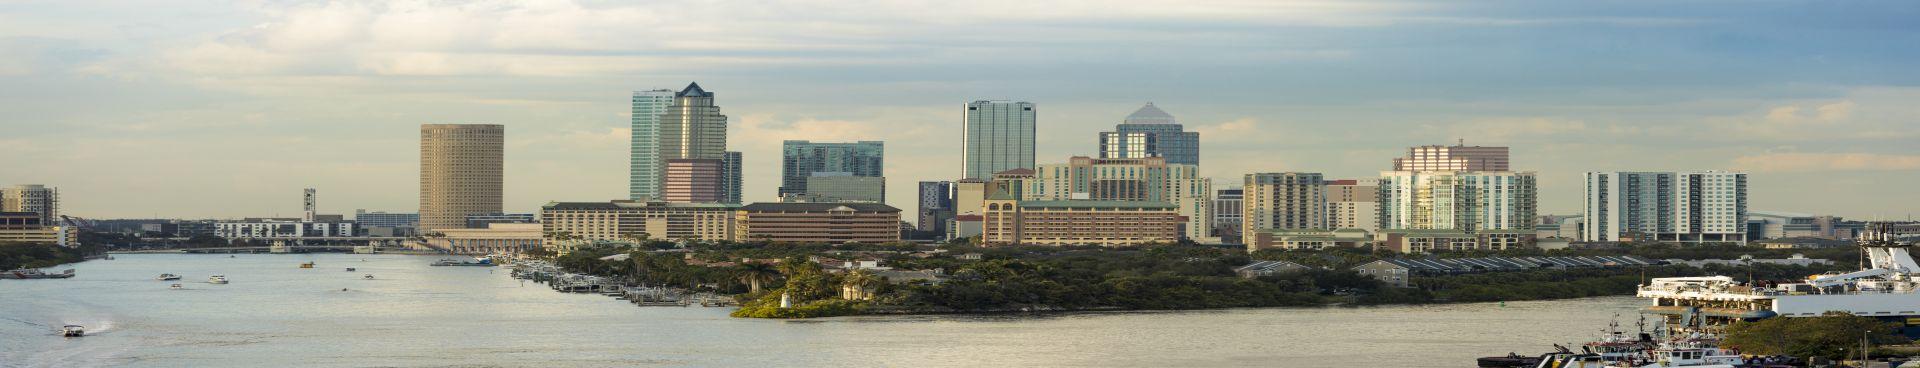 Tampa FL Pana Resized